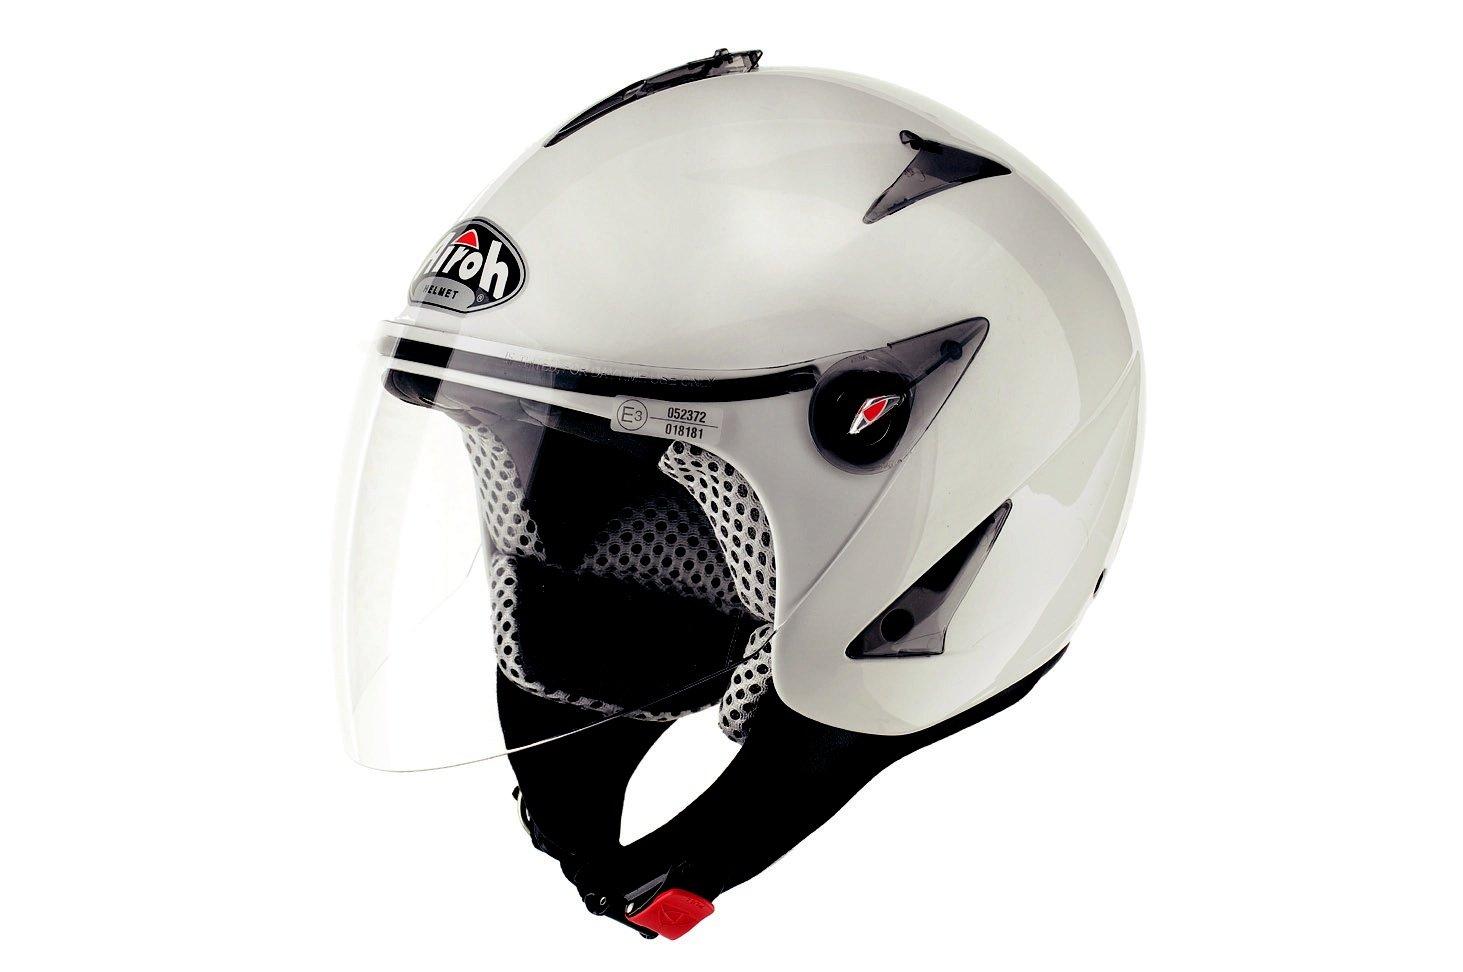 Airoh Open Face Casco, Nero Opaco, XL Locatelli Spa JT11XL